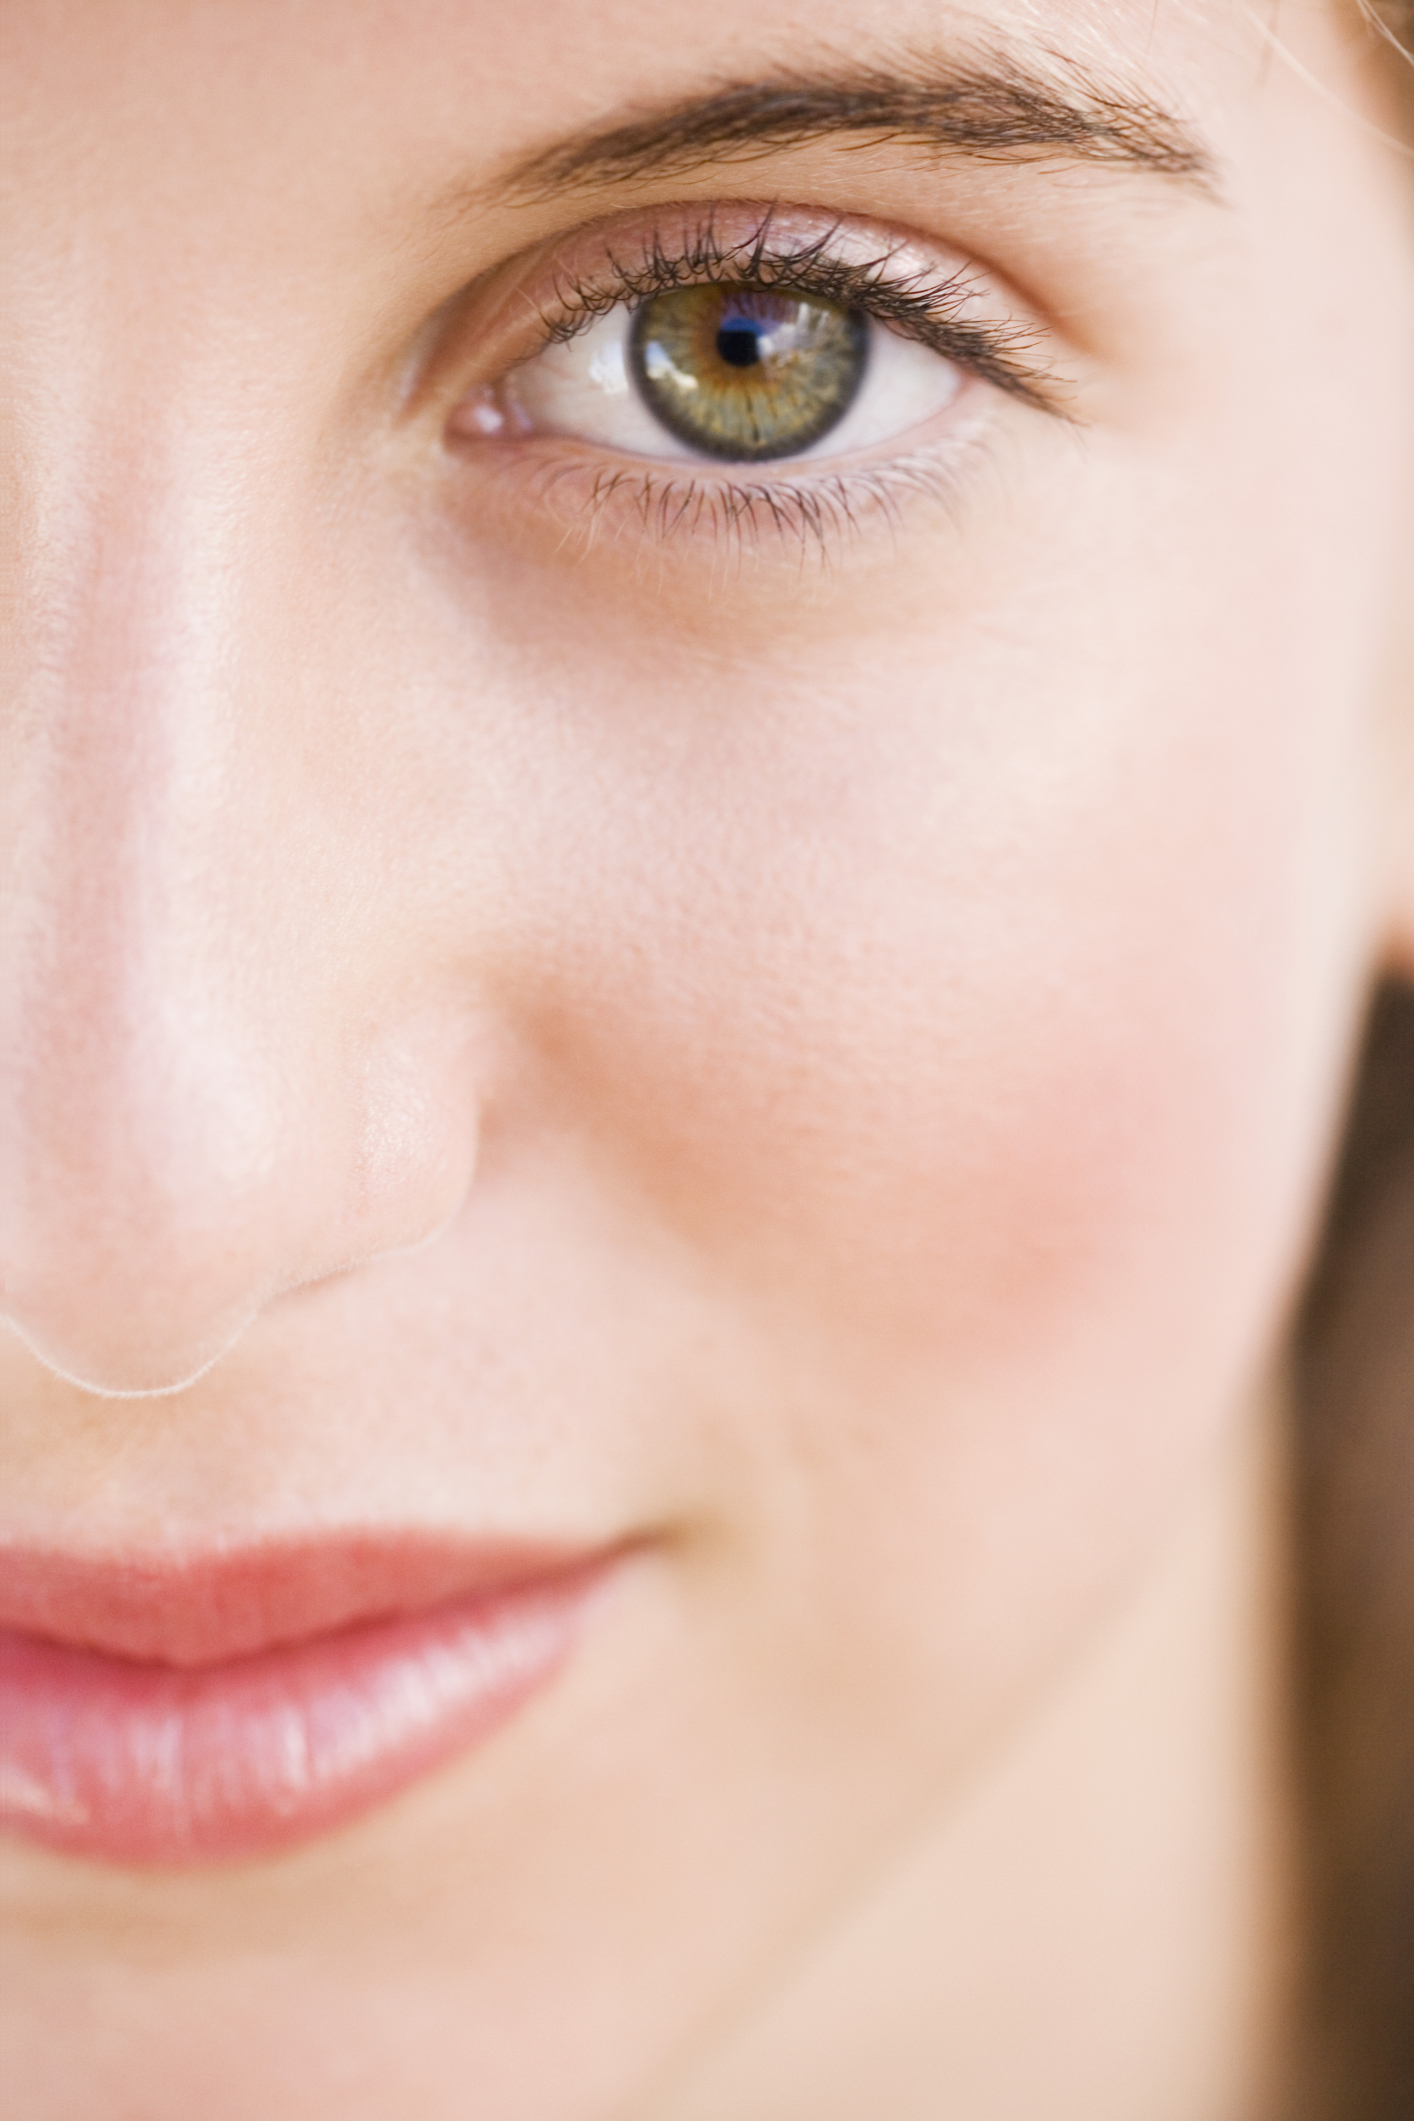 Natural Alternatives for Eye Cream